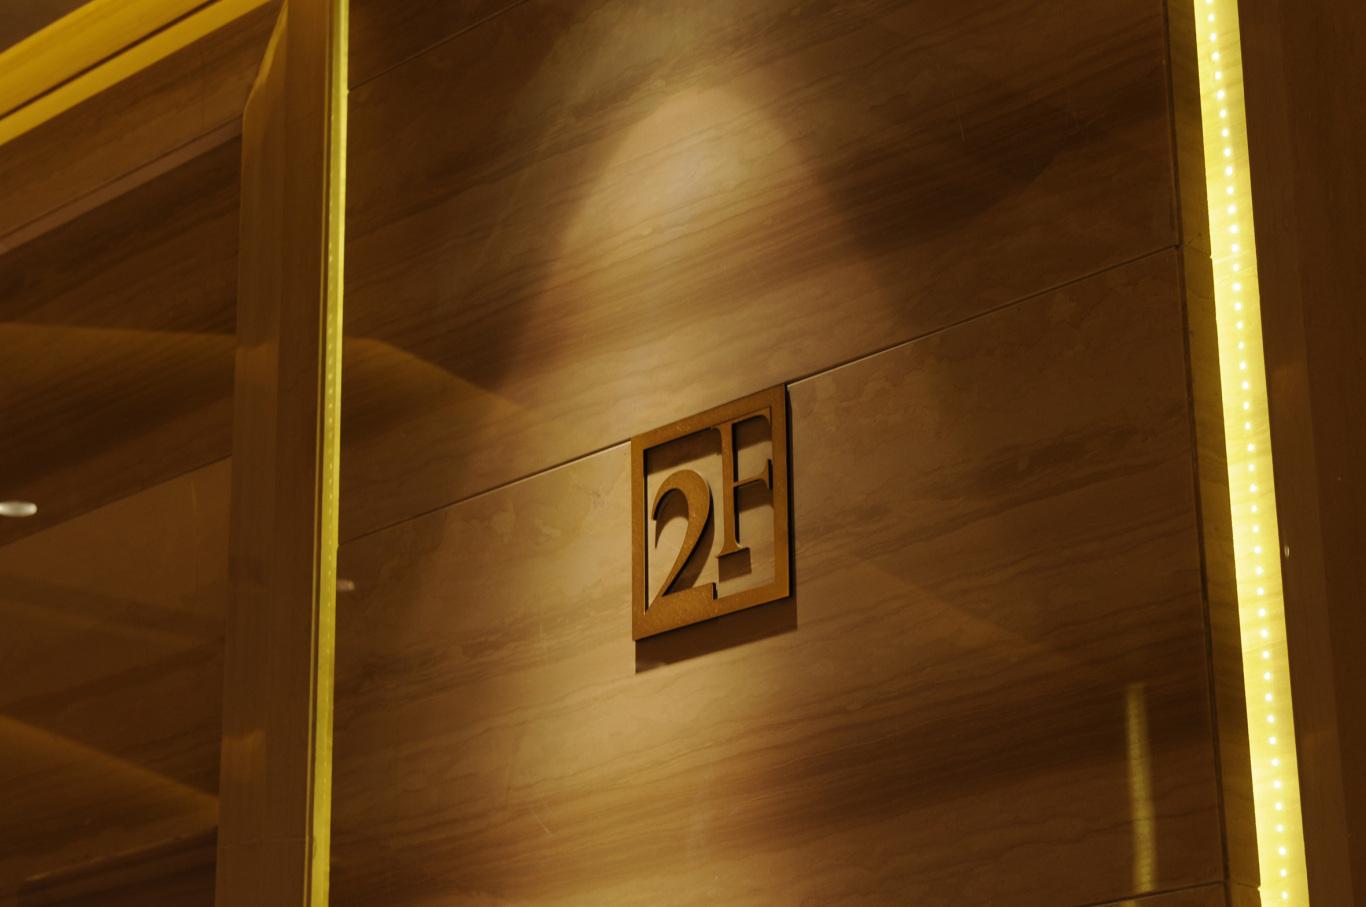 合肥皇冠假日酒店导视系统设计图11